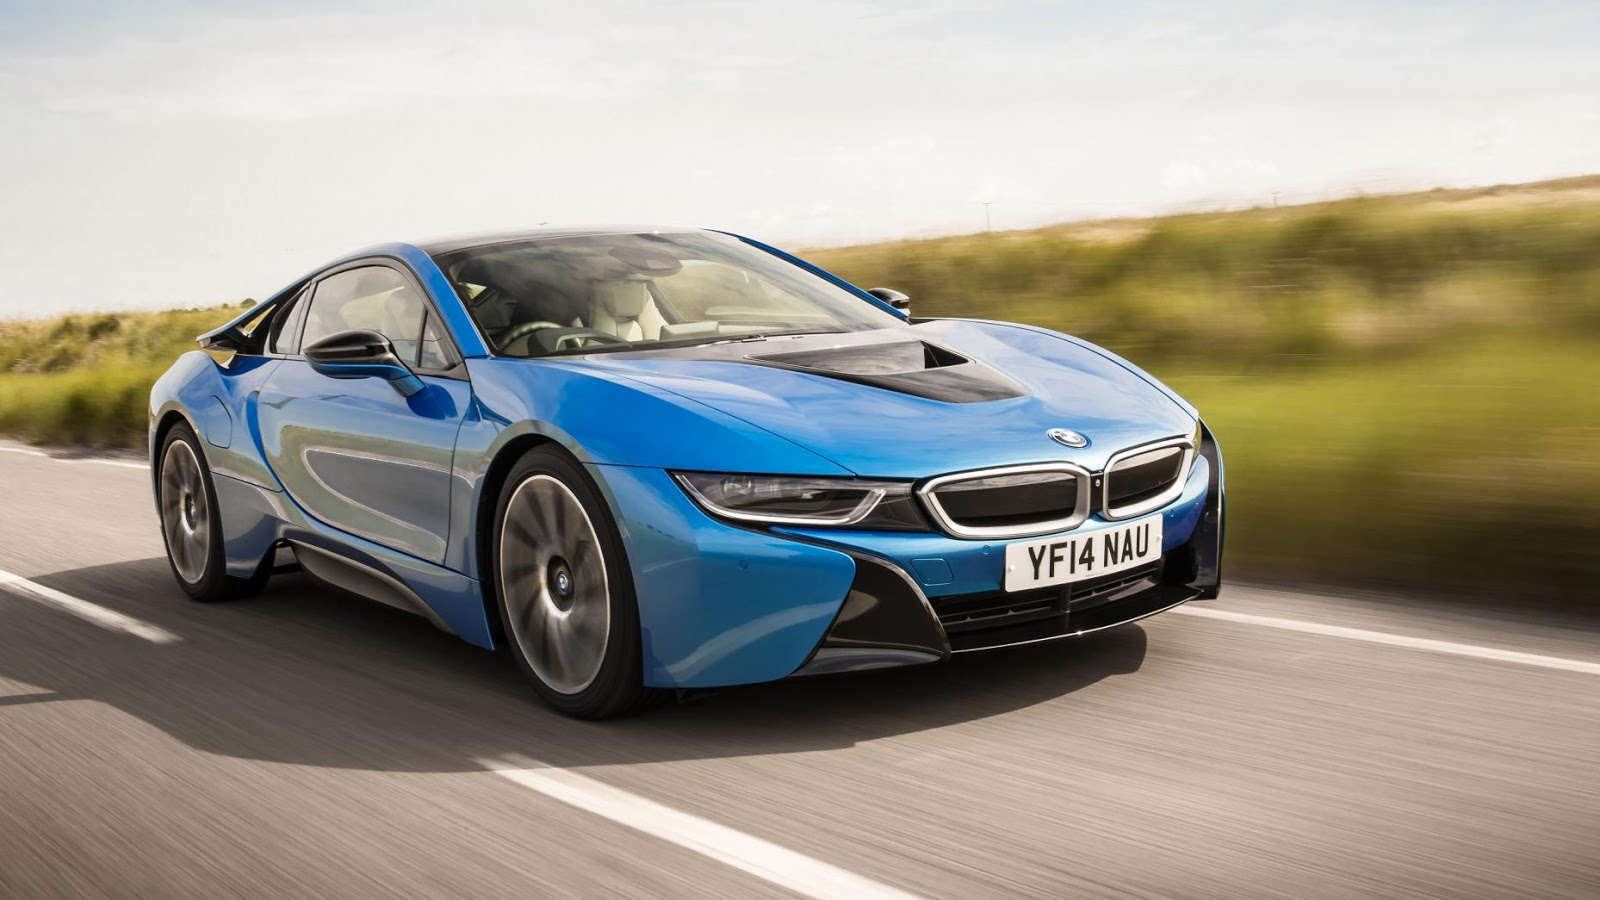 BMW i8 - tăng tốc từ 0 - 100 km/h trong 4.4secs